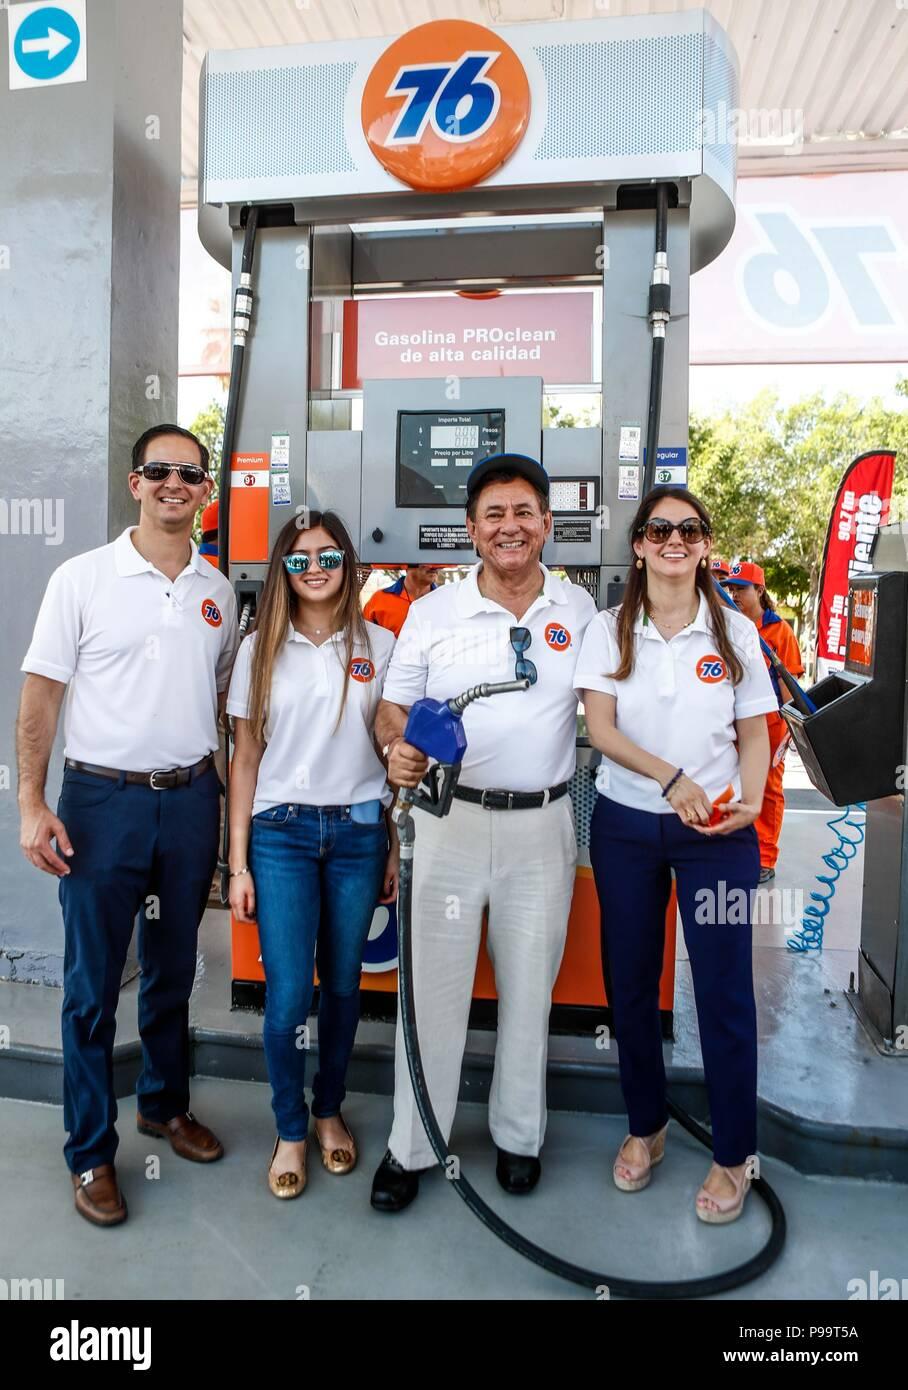 Primera estación de gasolina 76 en Hermosillo.Windstar. Estación de gas. Servicio de gasolina diesel. hidrocarburos, mezcla, petróleo, destilación, combustible, queman Foto de stock